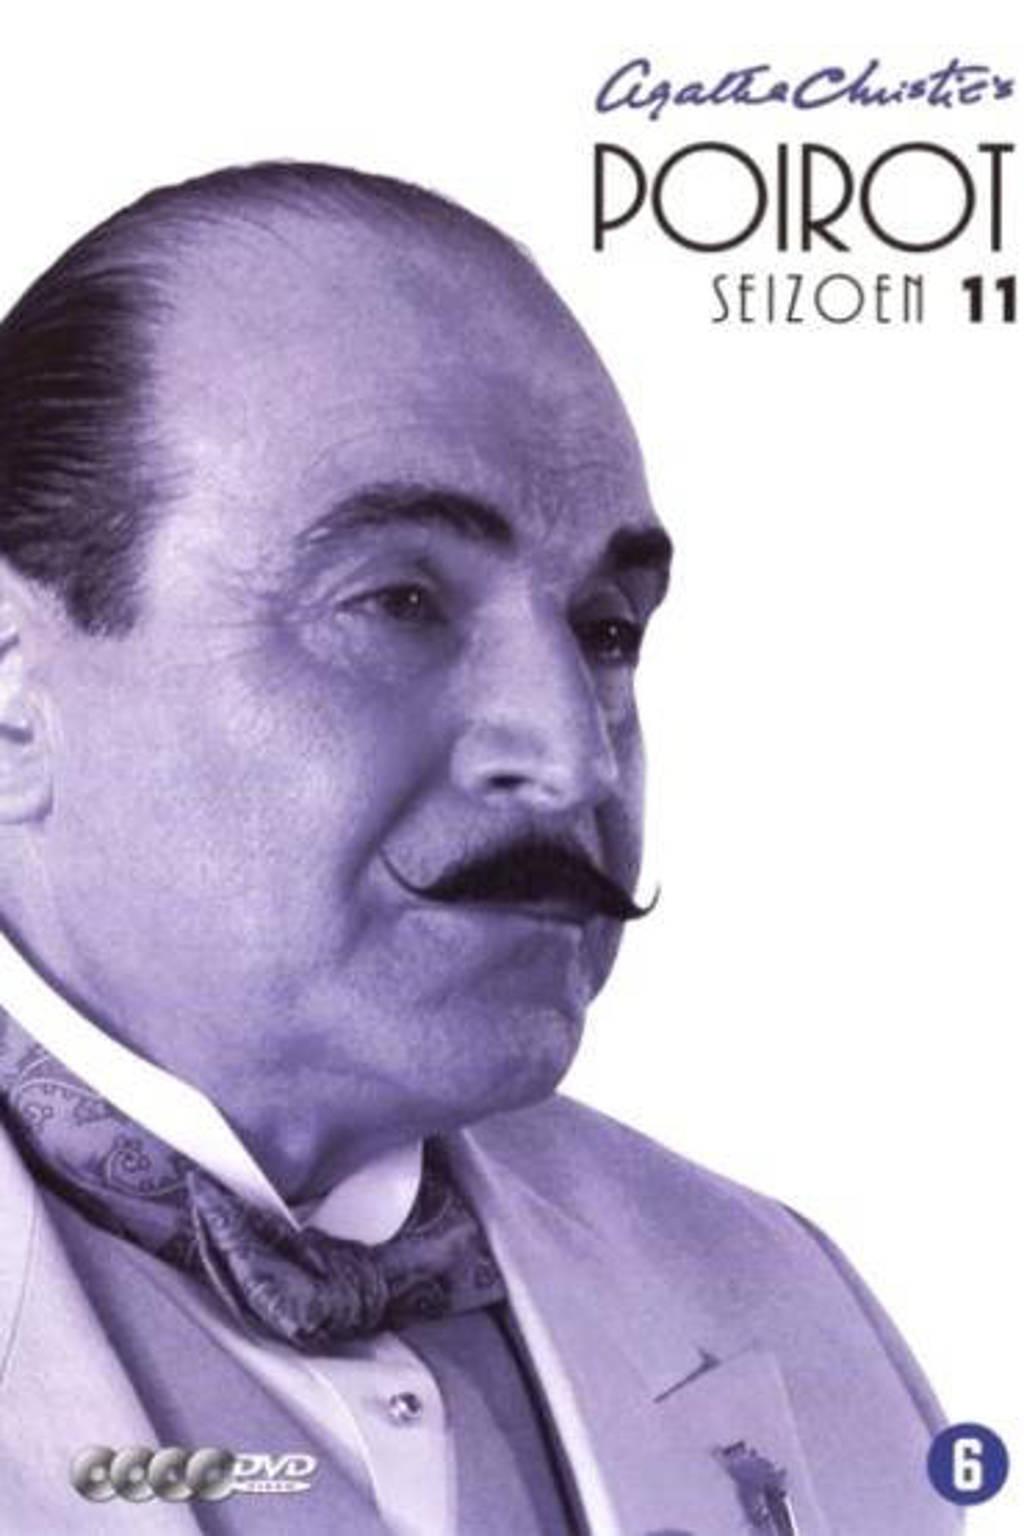 Poirot - Seizoen 11 (DVD)